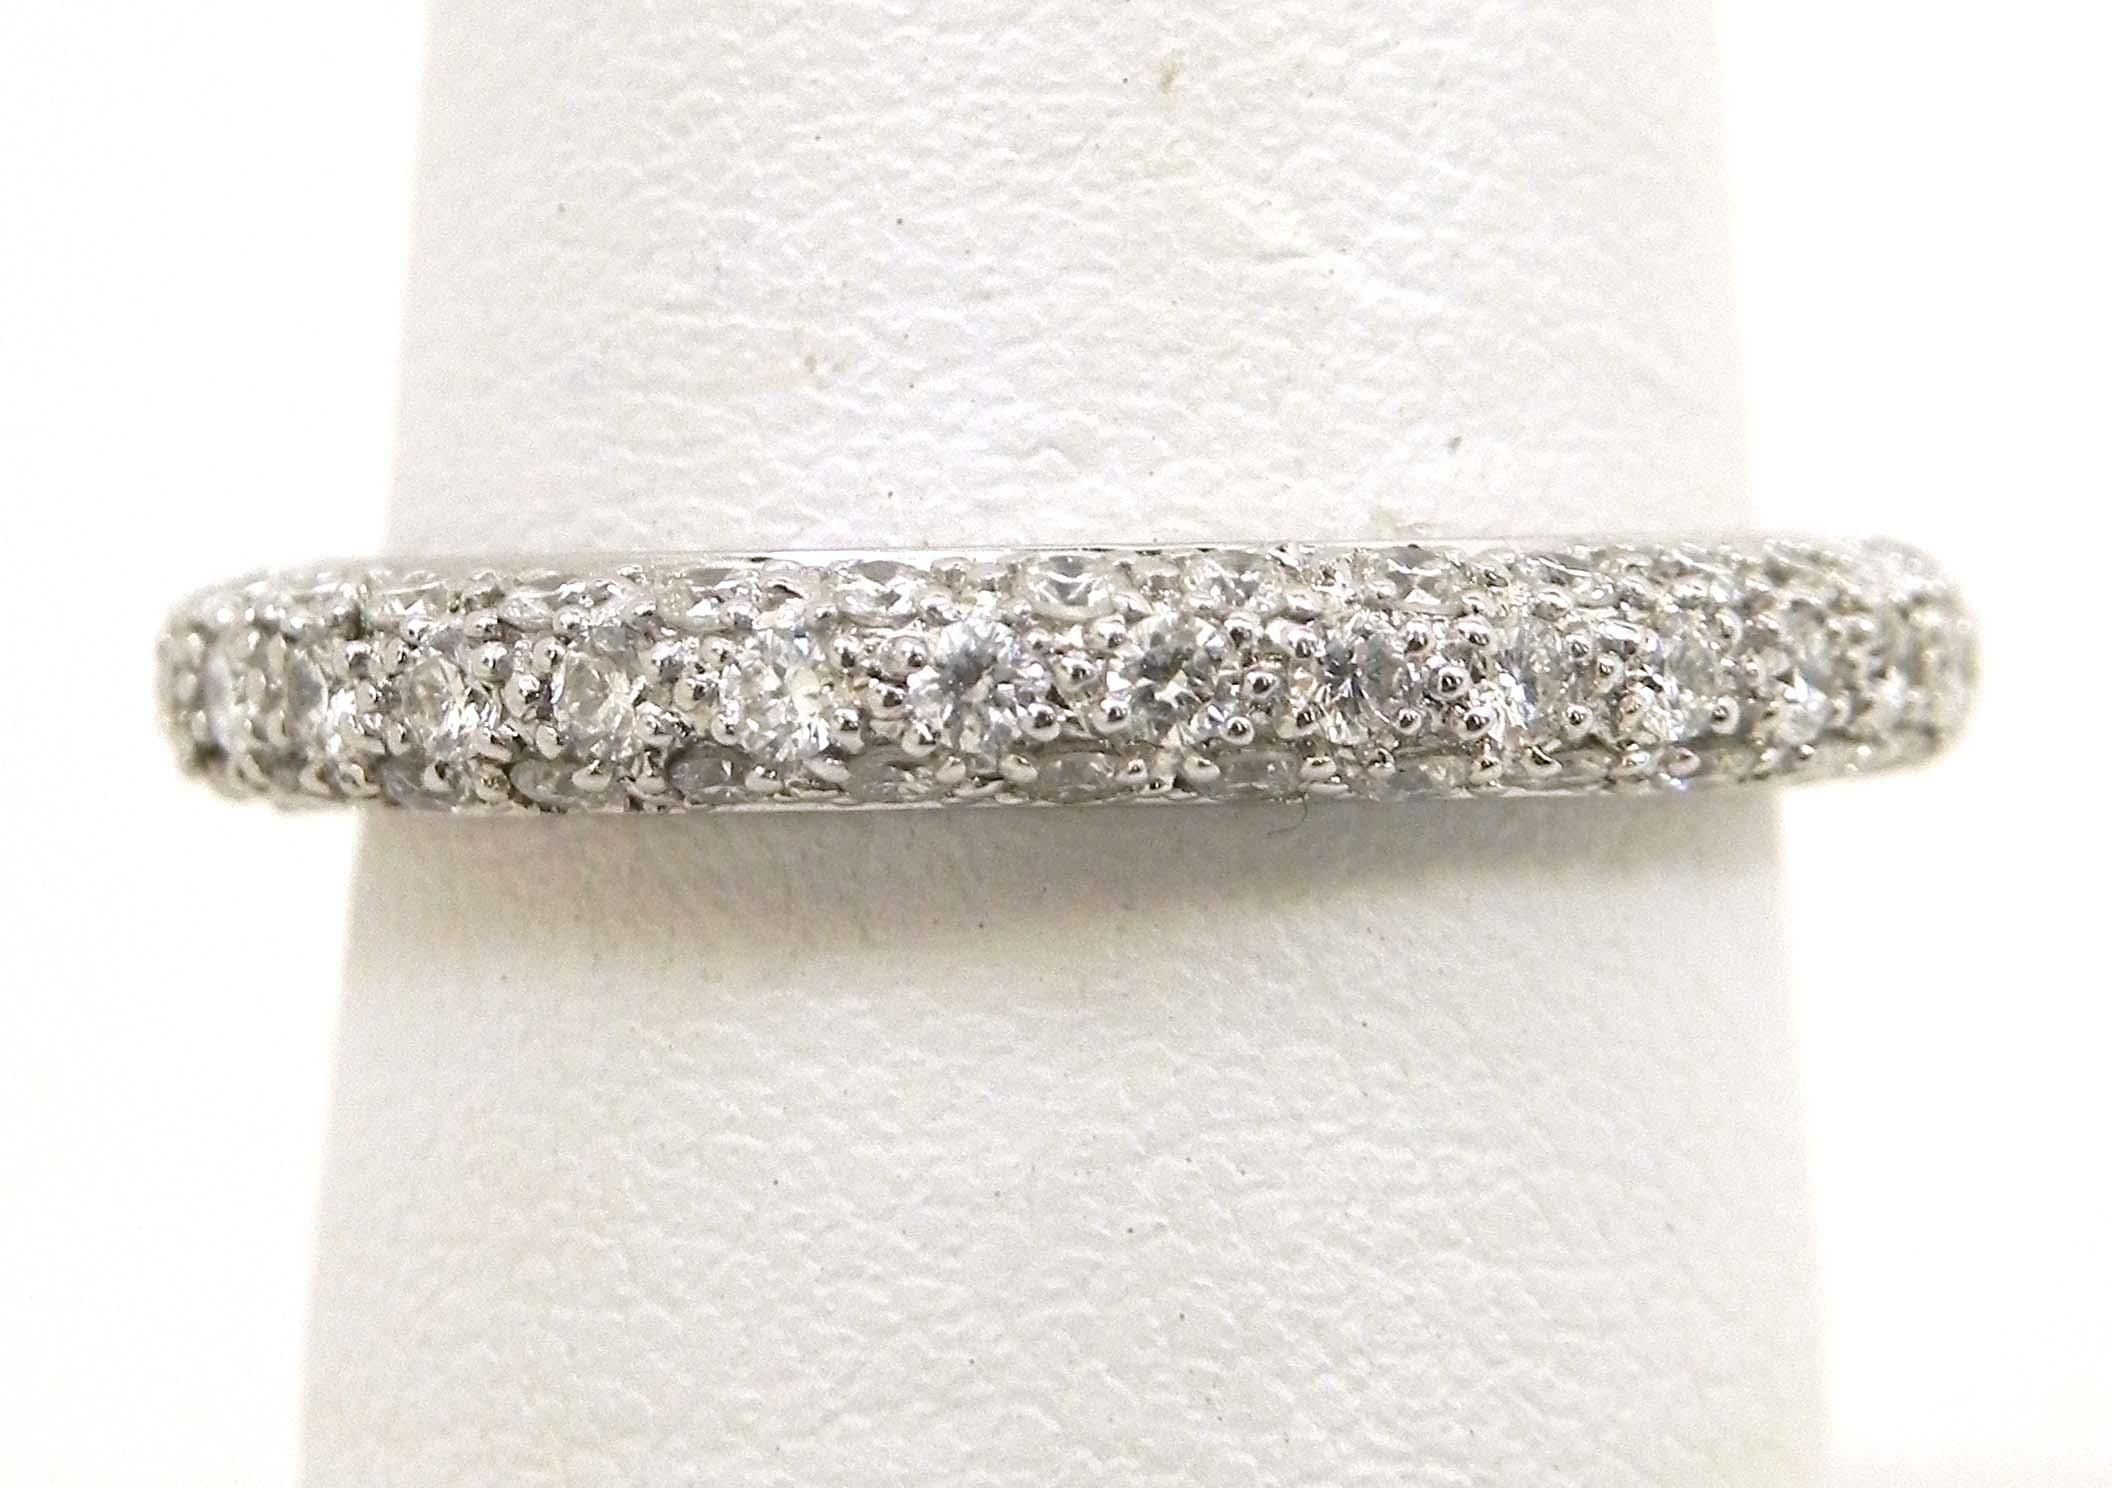 ladies 18k white gold 3 row diamonds eternity wedding band eternity wedding band Diamonds Eternity Wedding Band 00 Previous Next